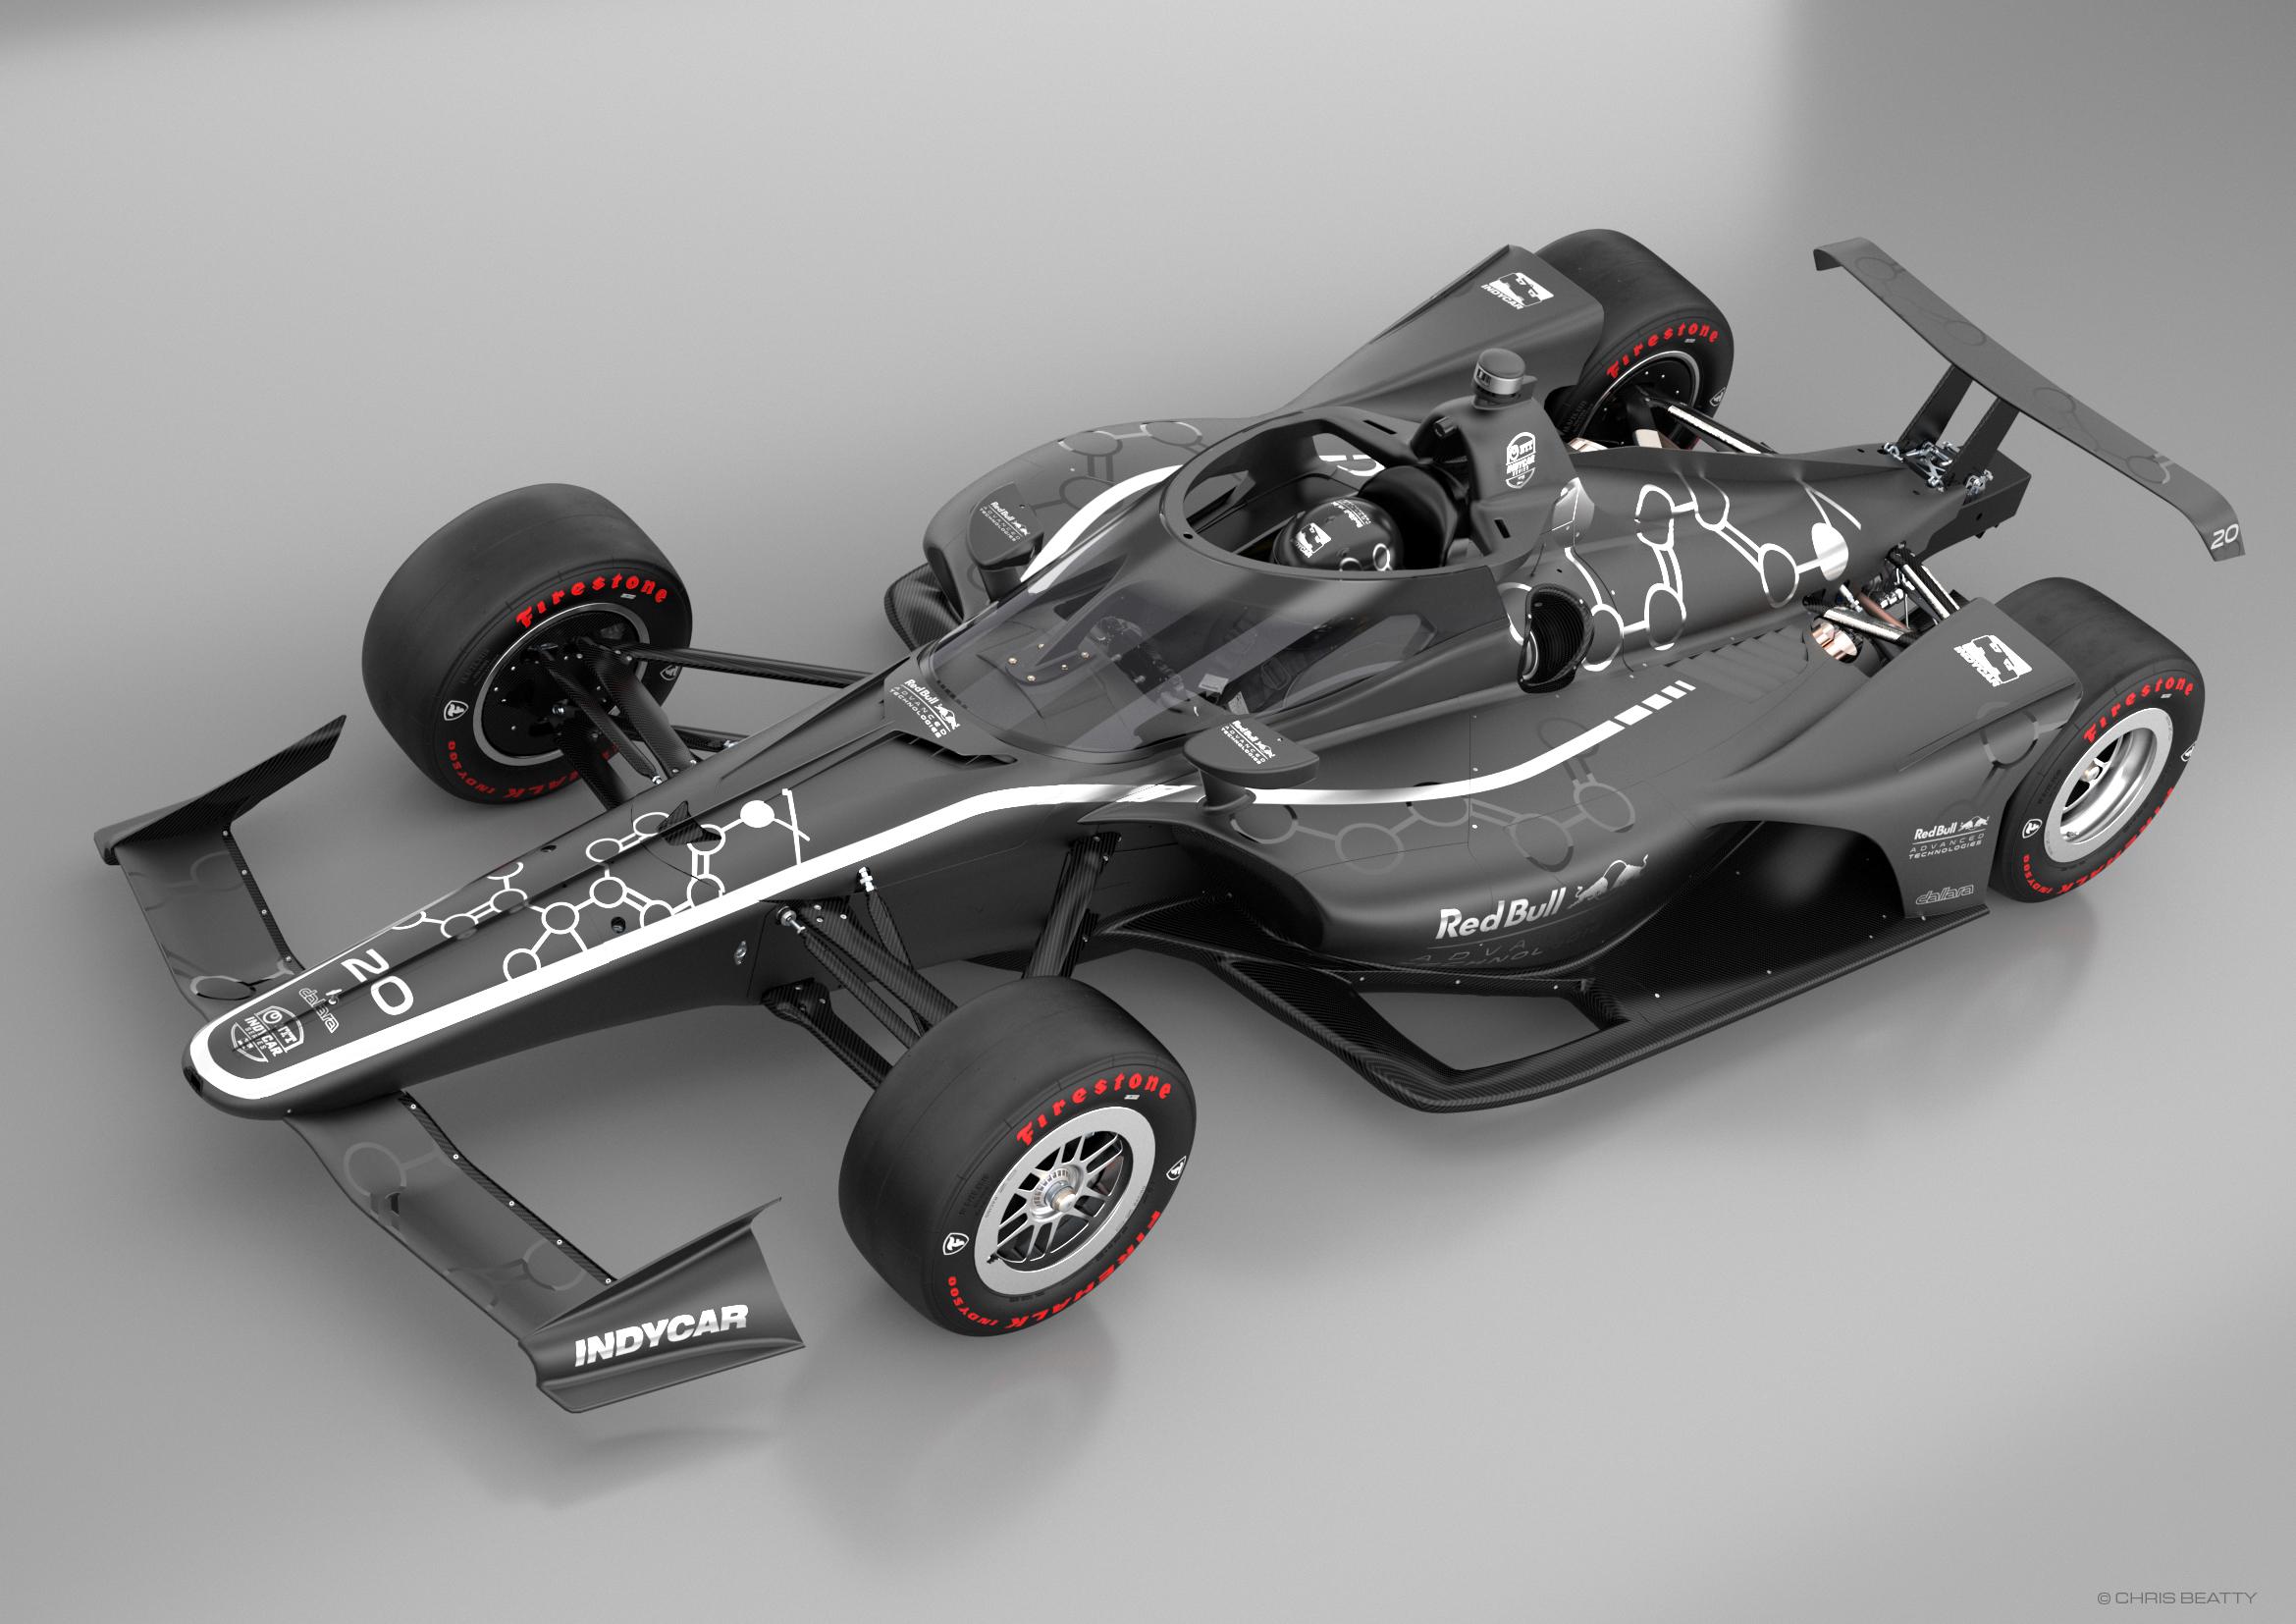 Red Bull IndyCar Aeroscreen